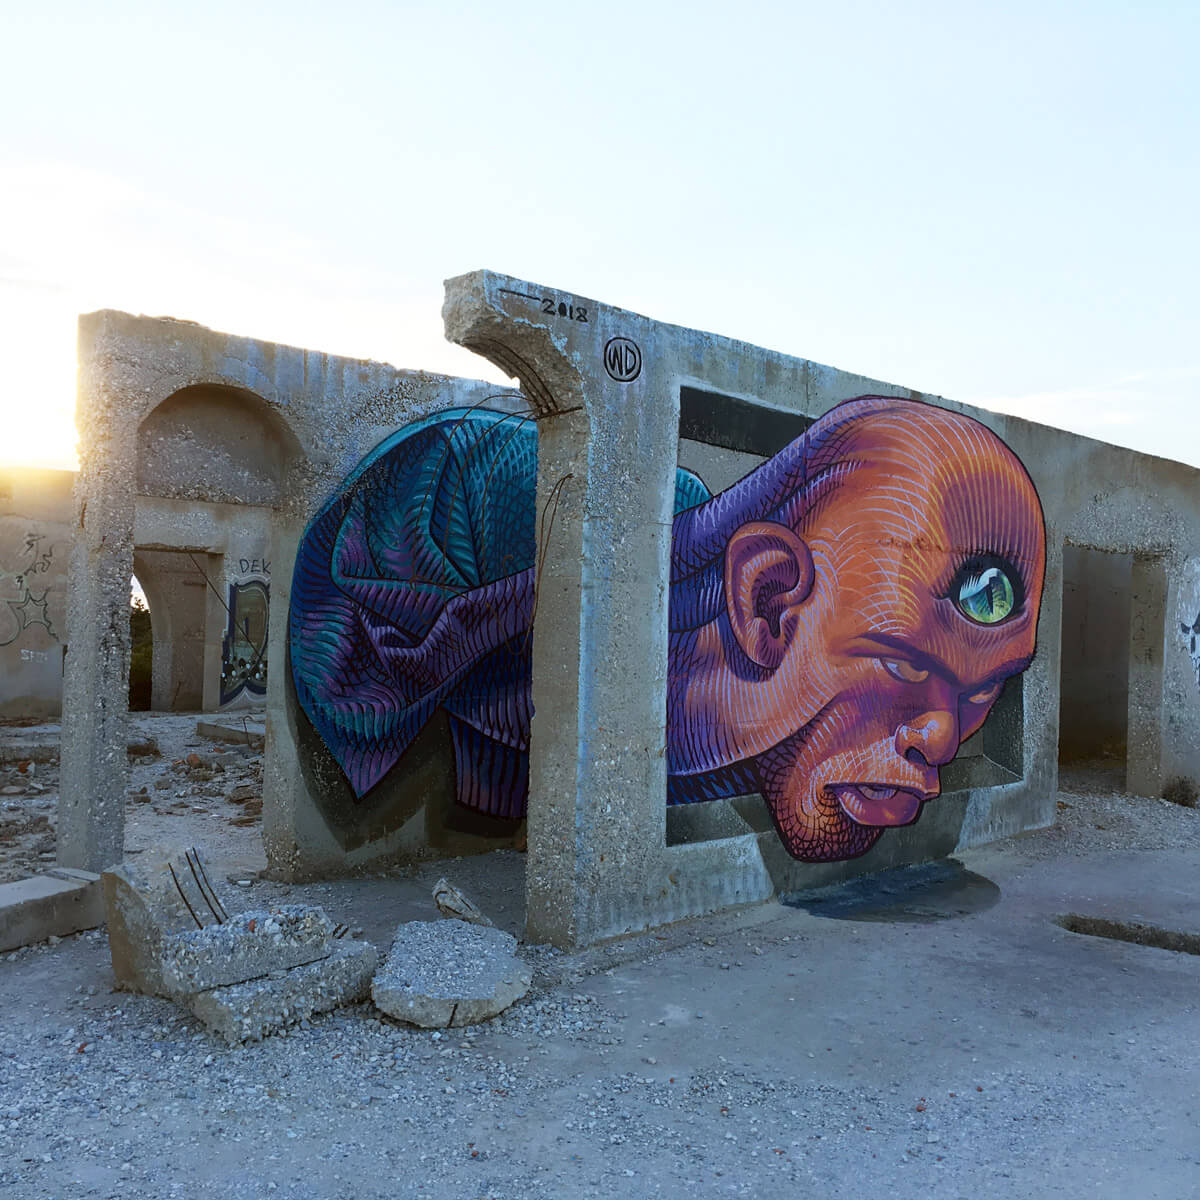 Wild Drawing: Street art fotorrealista y en 3D con espíritu de resistencia